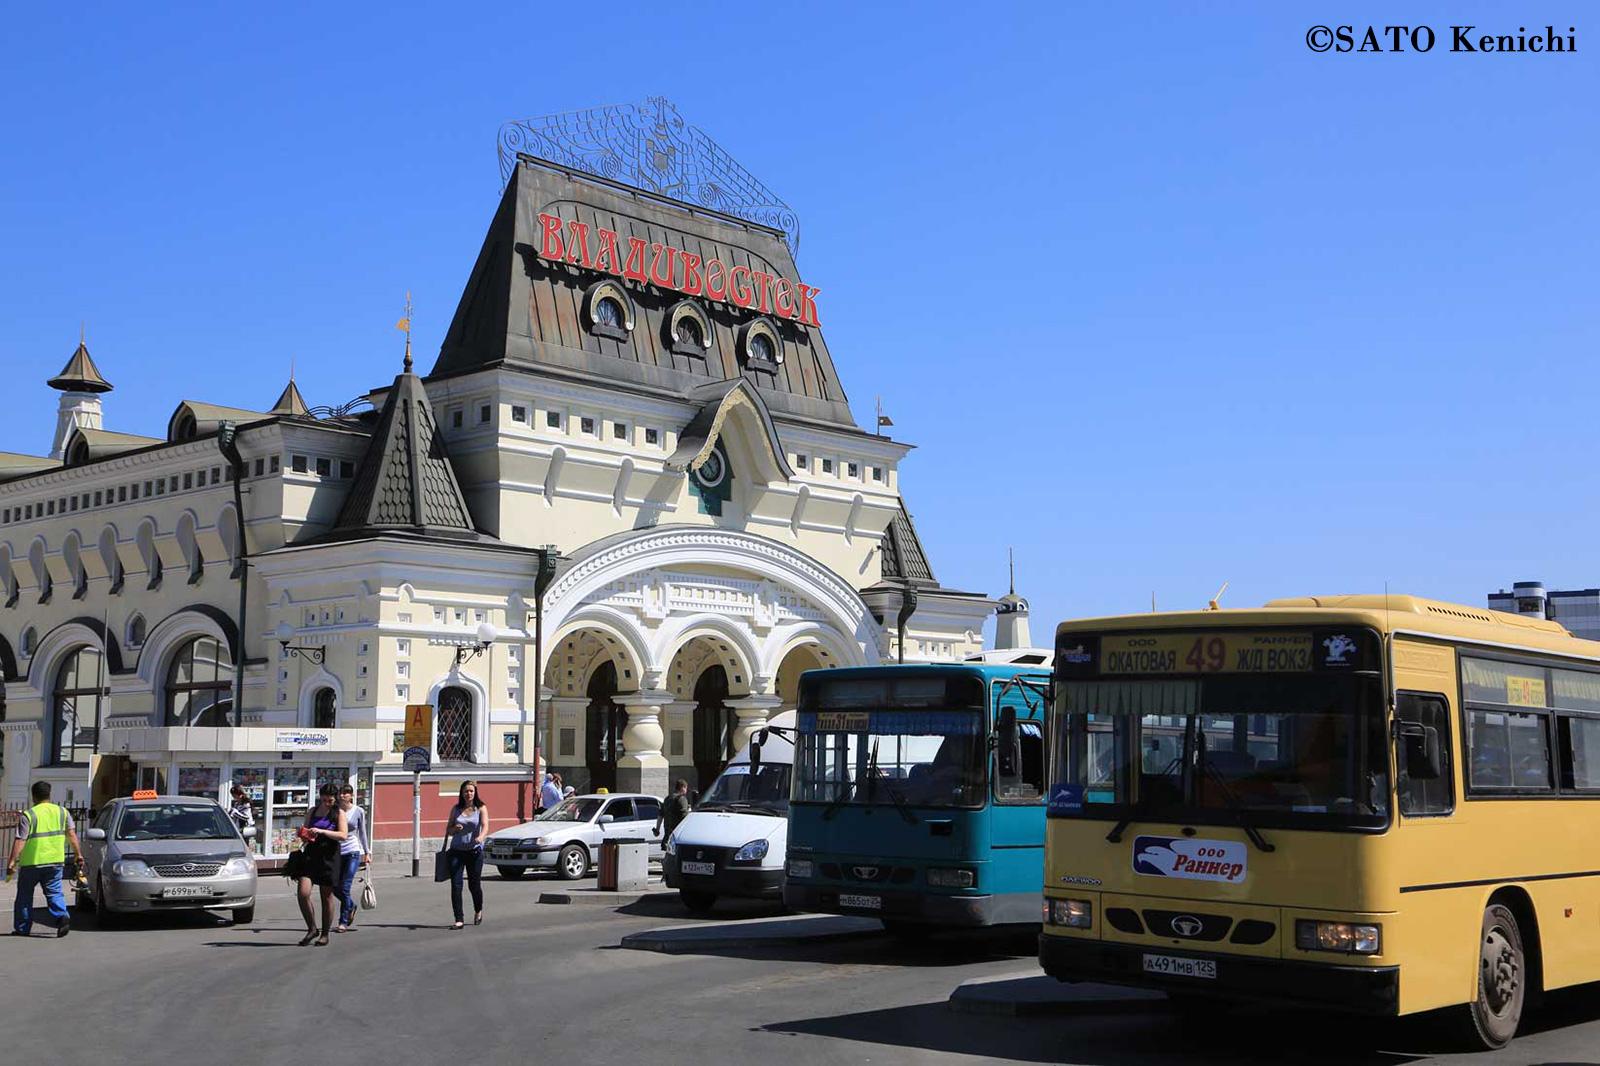 007 シベリア鉄道の終点駅、ウラジオストク駅の瀟洒な駅舎_b0235153_10522317.jpg